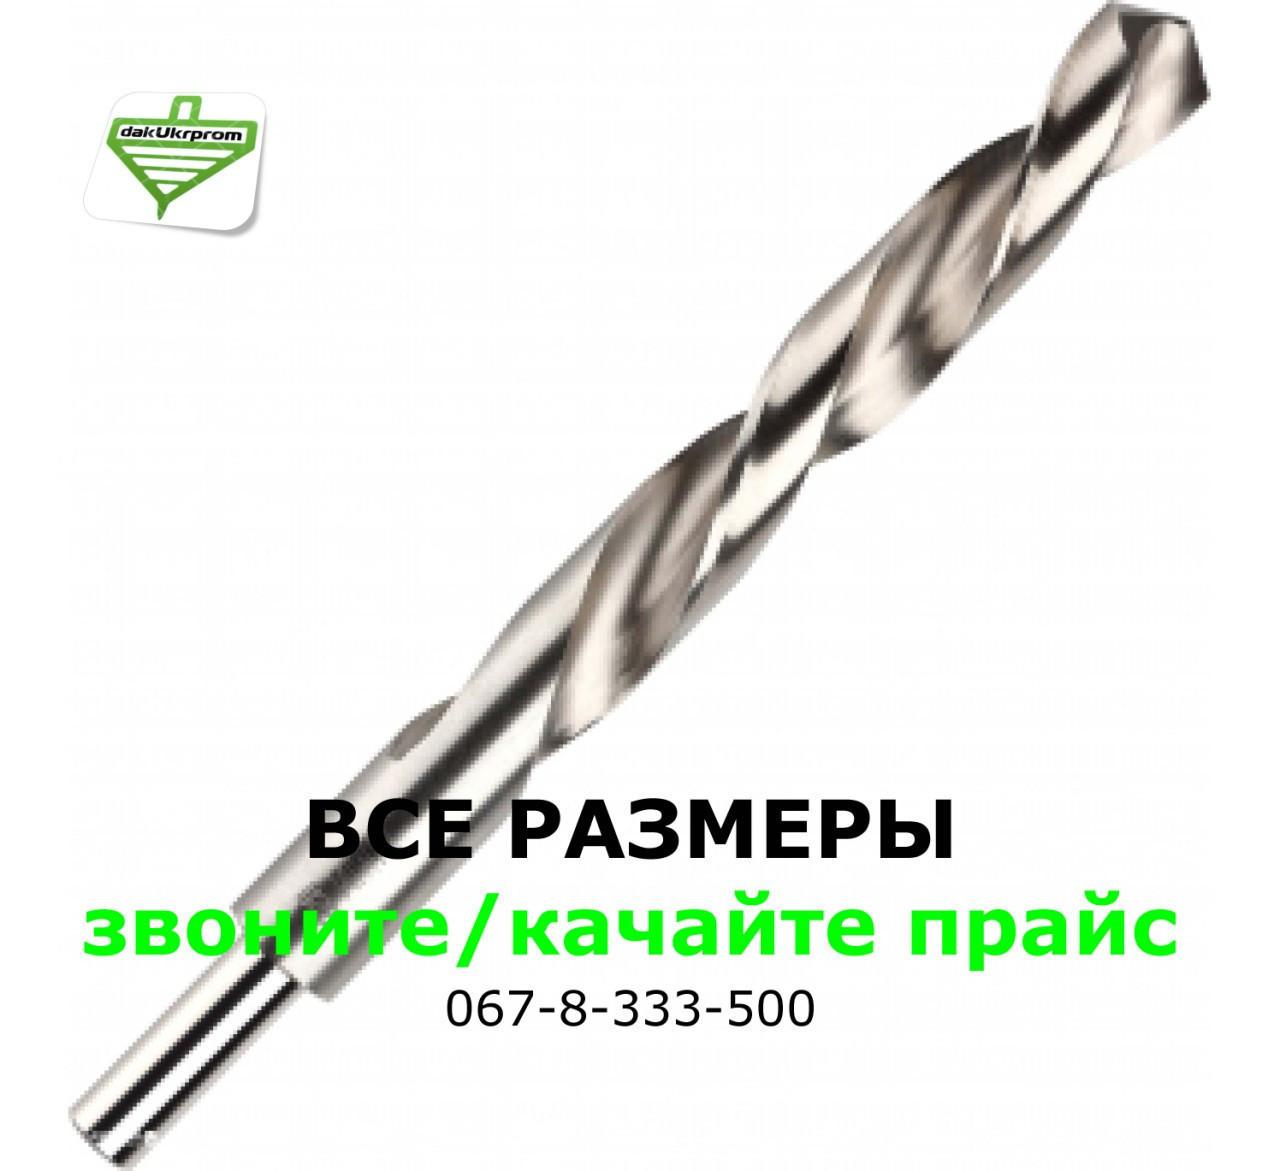 Сверло по металлу Р6М5 19.0 мм ц/х с хвостовиком 10 мм